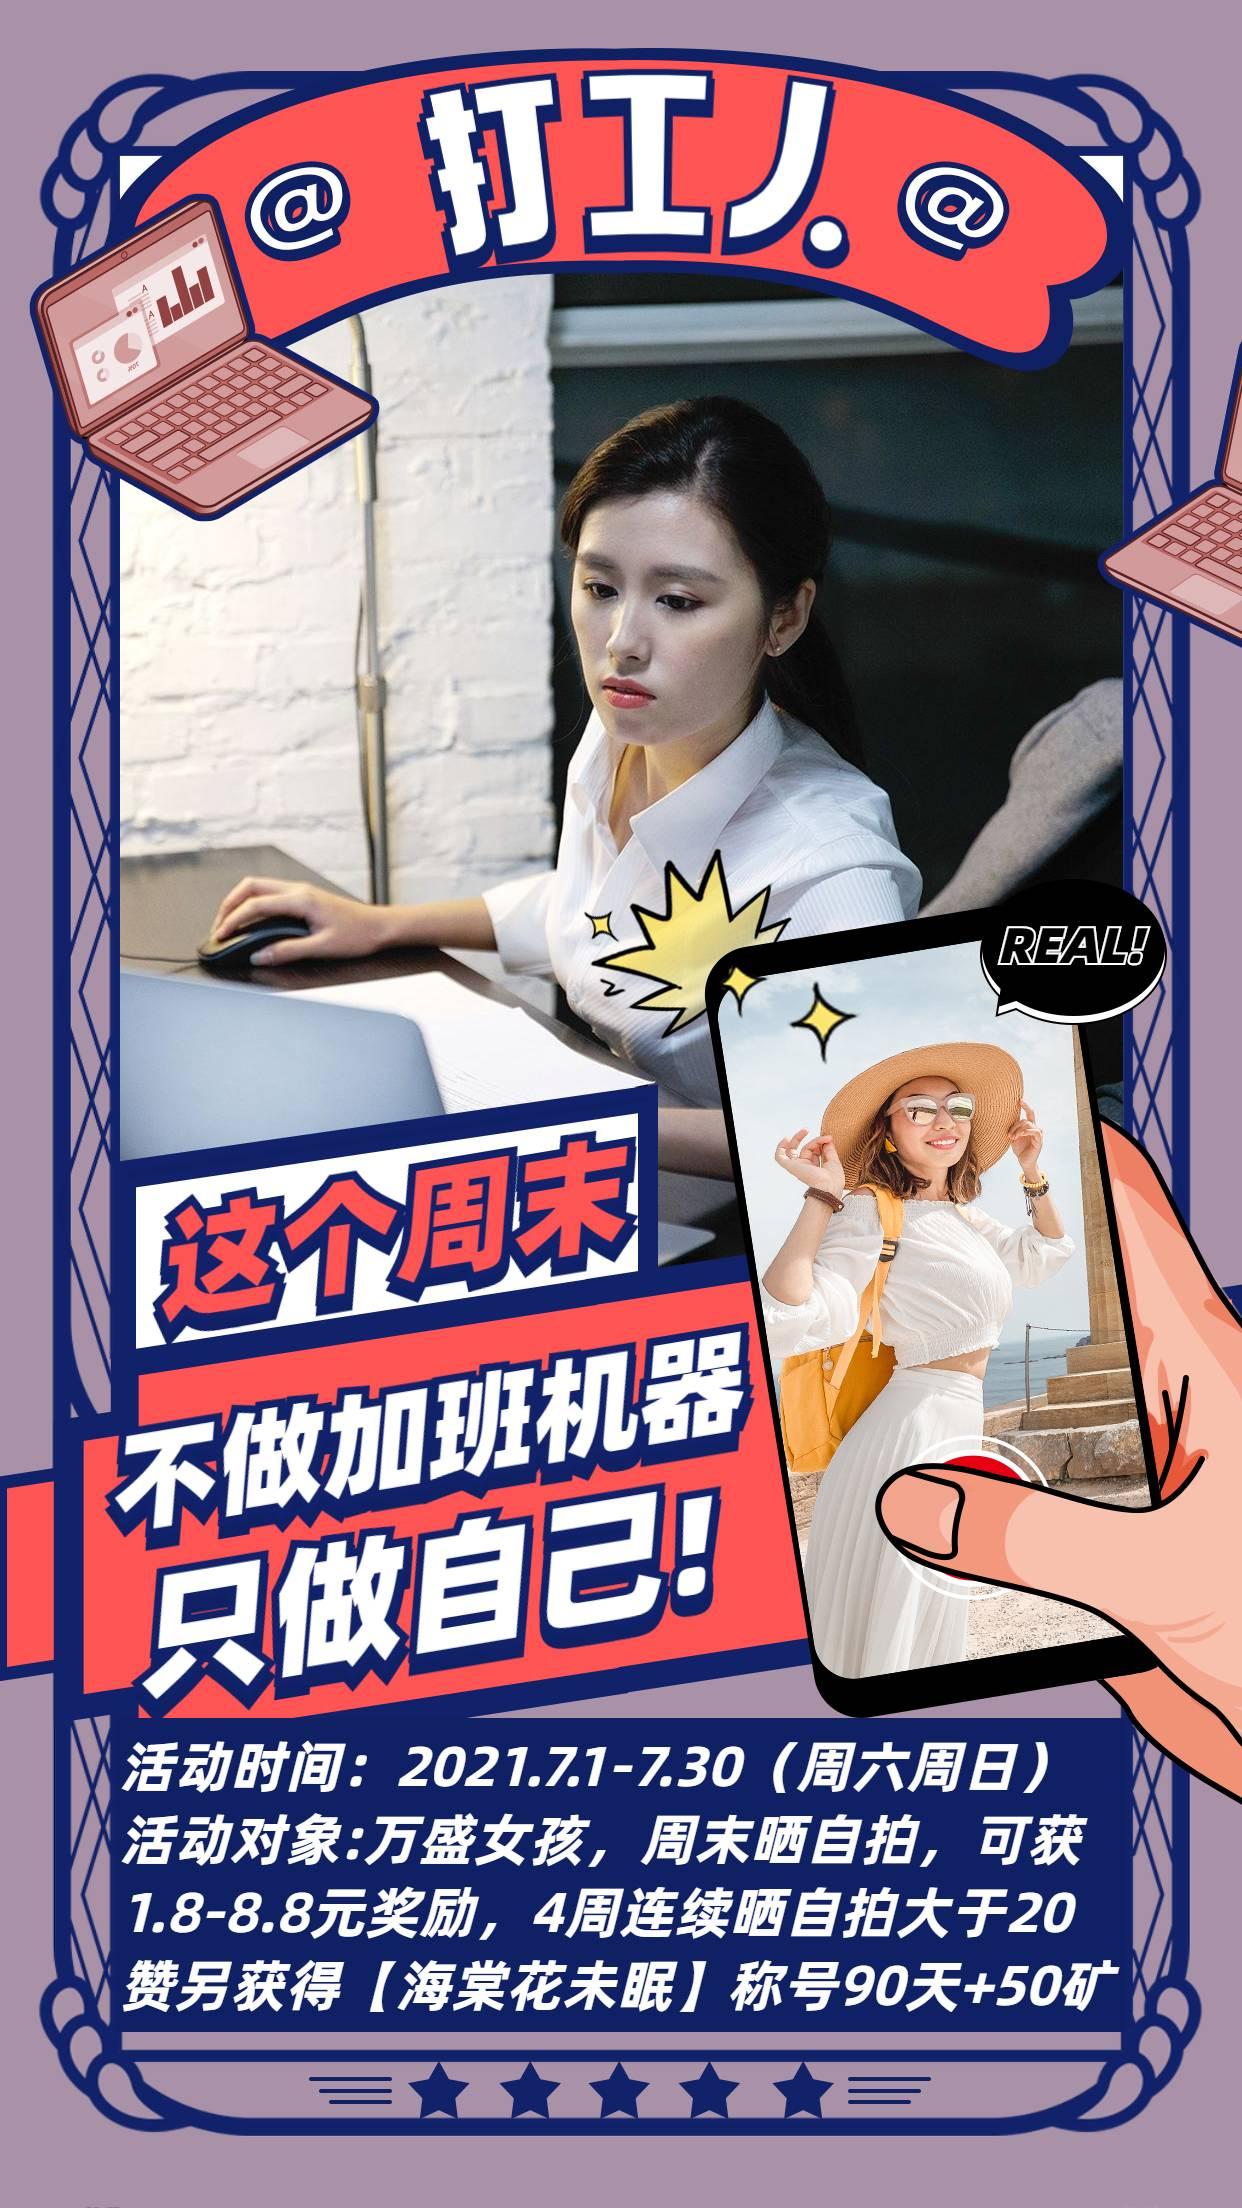 五一劳动节致敬劳动者系列海报.jpg